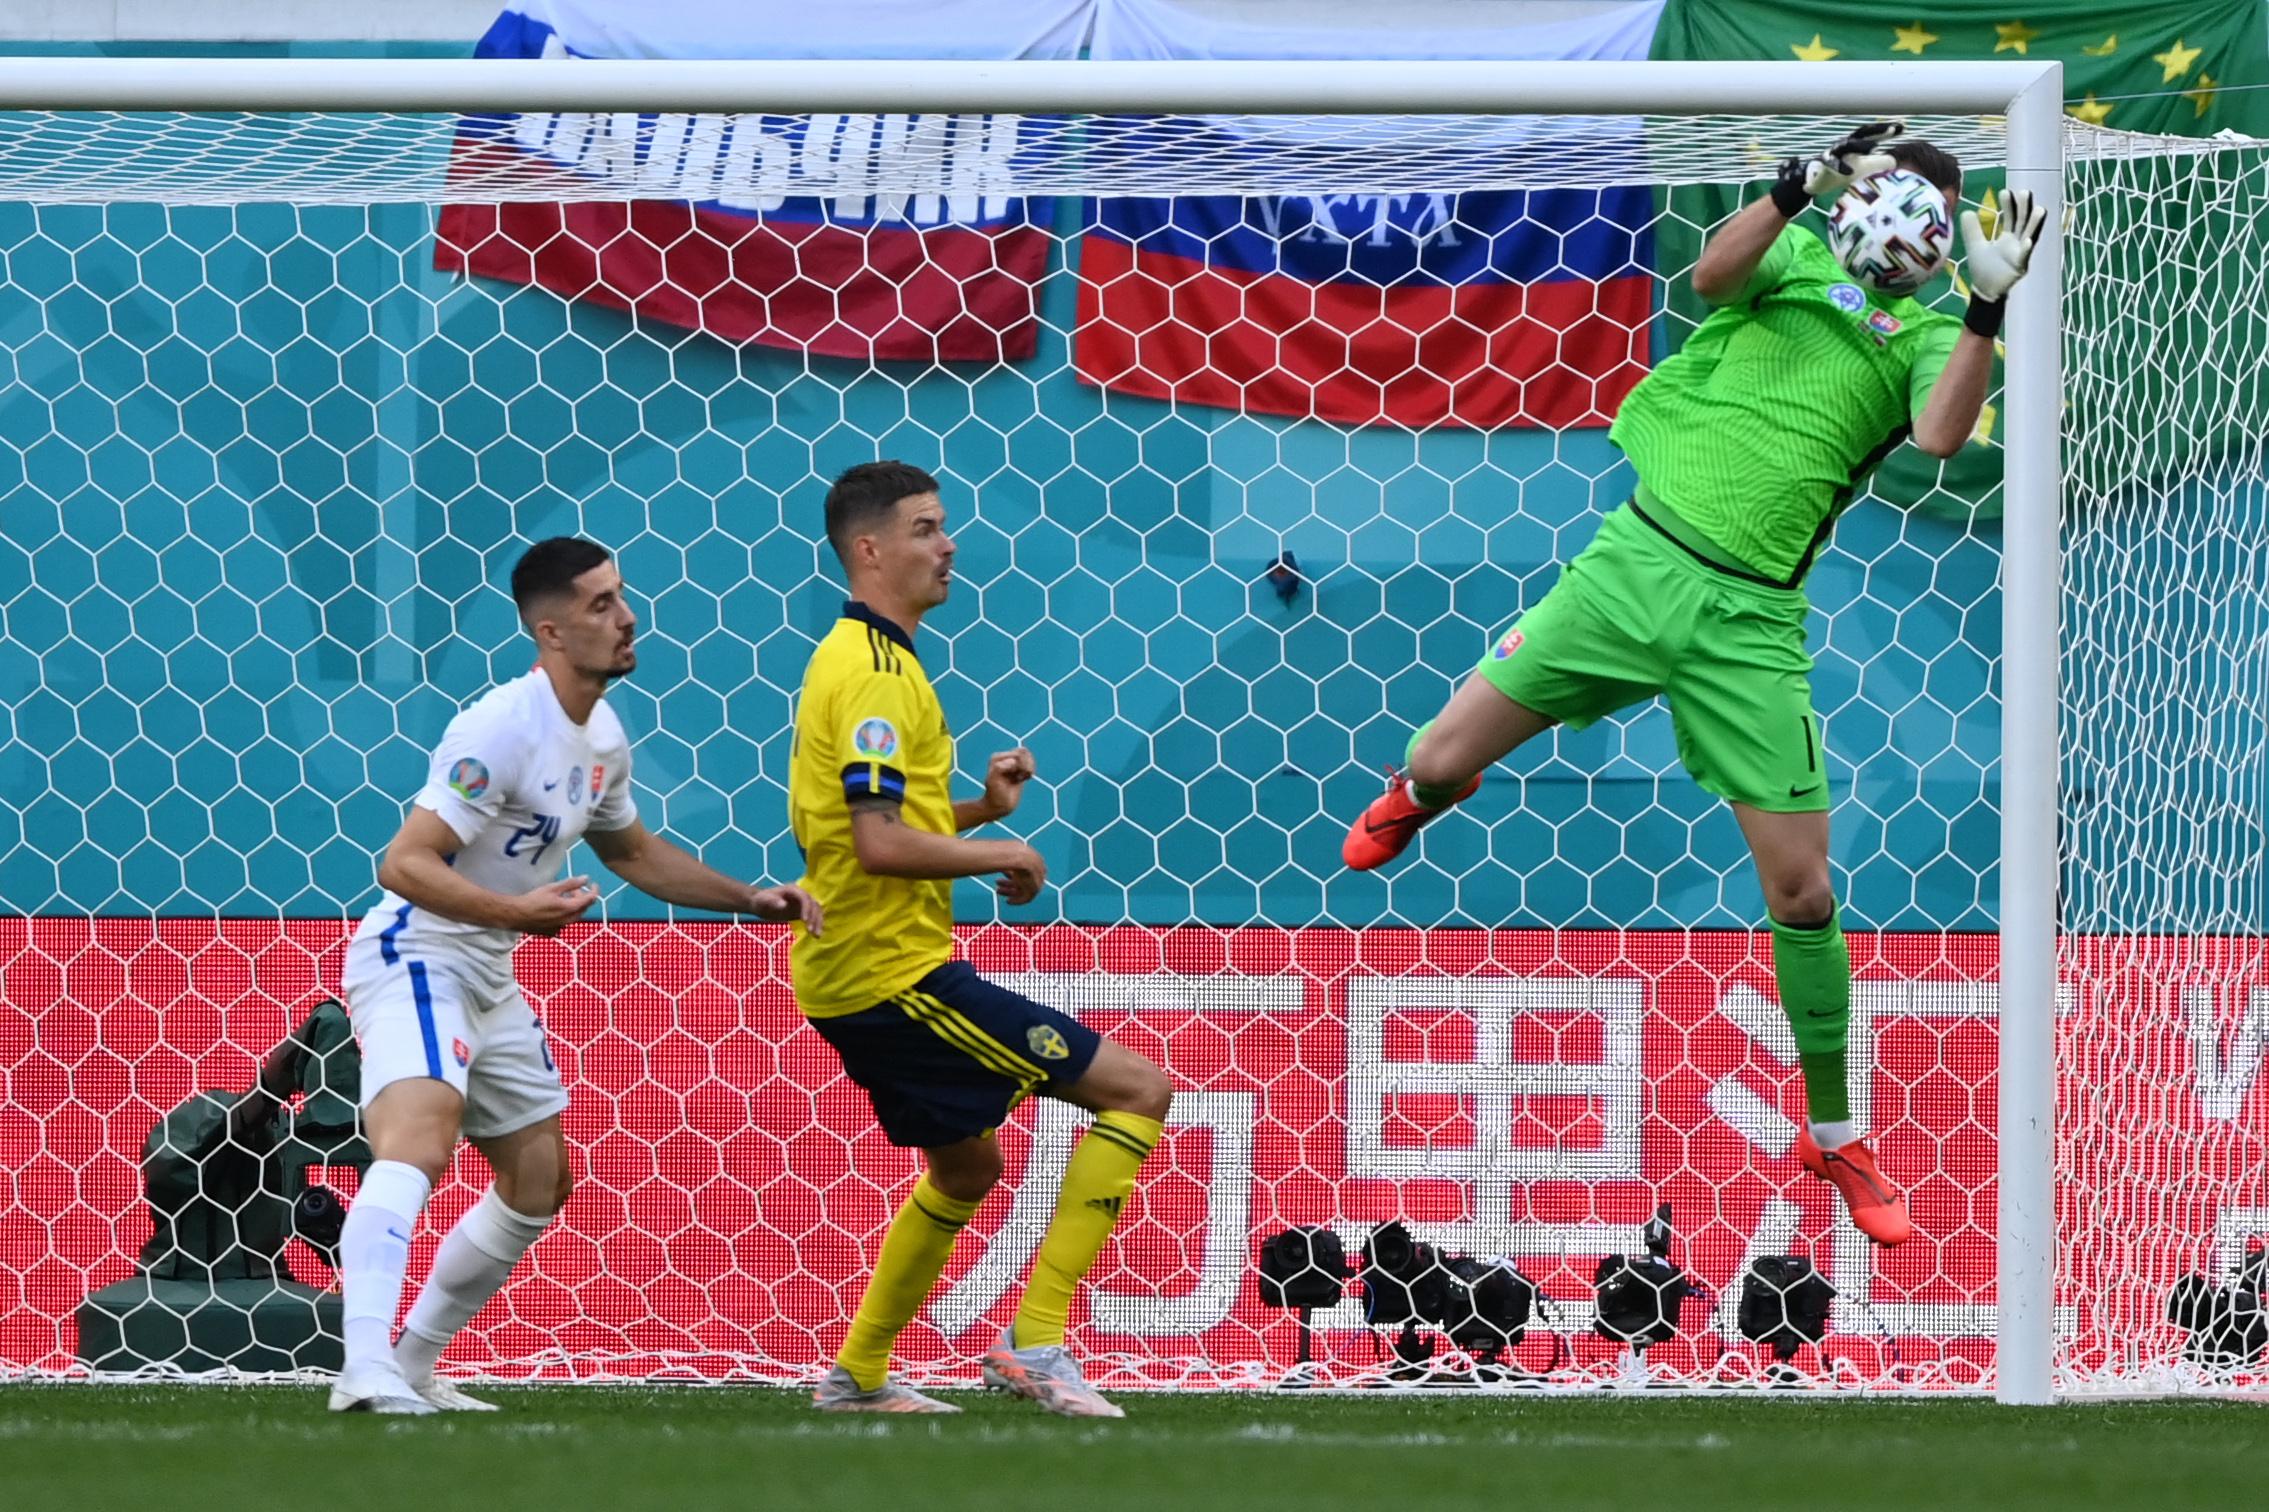 Miért van tele az Európa-bajnokság kínai reklámokkal?